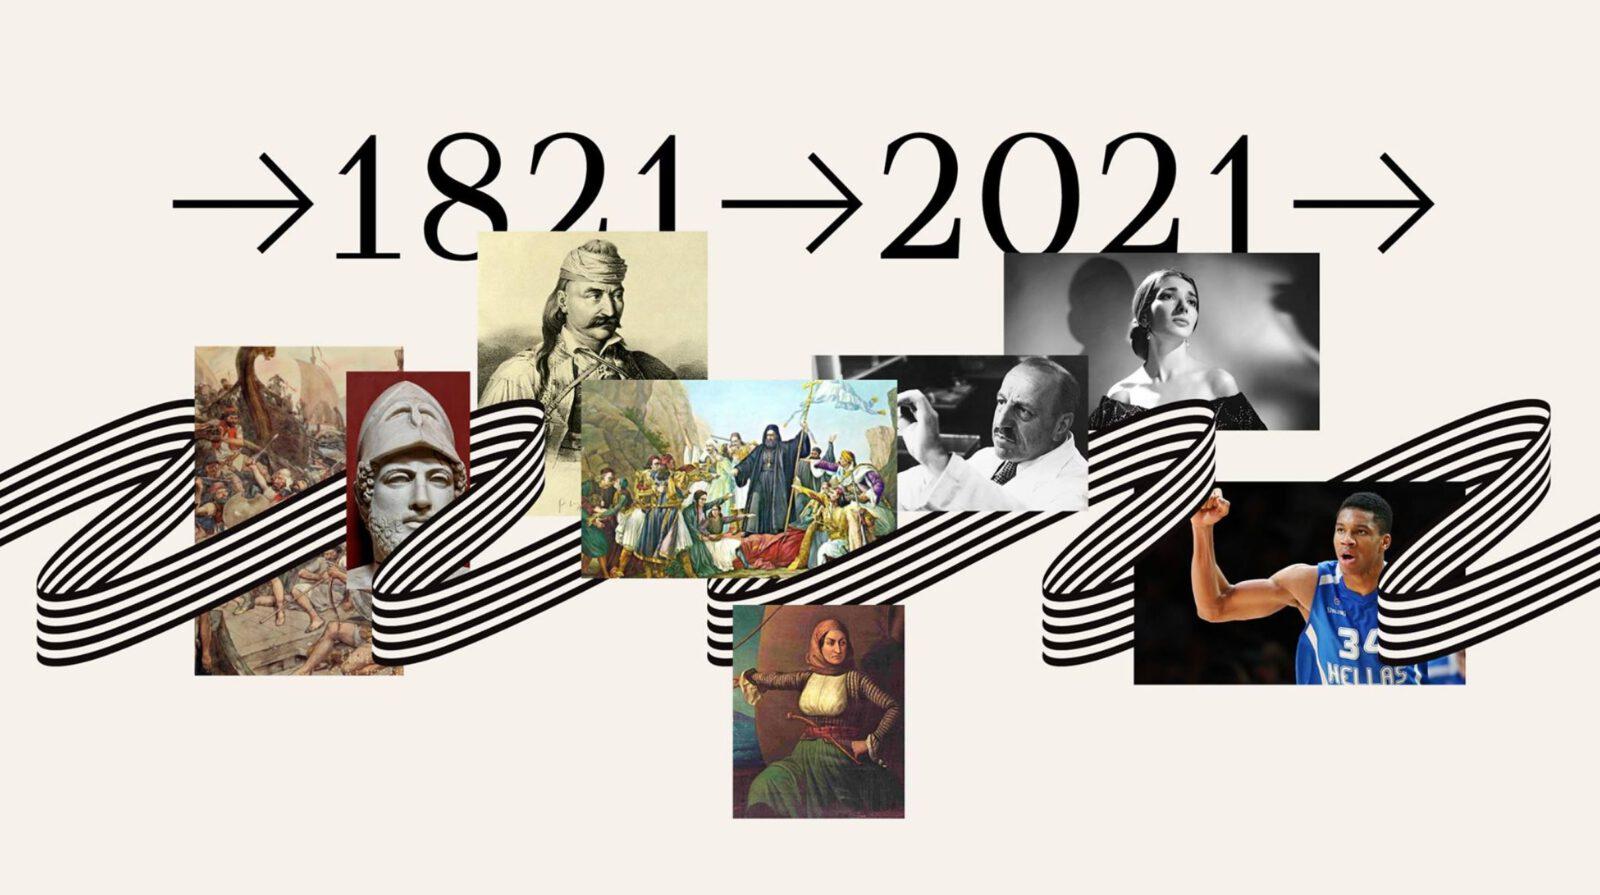 Ο Θανάσης Κ. αποδεικνύει ότι η συζήτηση που κάποιοι προσπαθούν να ανοίξουν τώρα για το ποιες σφαγές έκαναν οι Τούρκοι και ποιες εμείς, έχει κλείσει. Και υποδεικνύει πως ιστορία γράφτηκε και δεν χρειάζεται να ξαναγραφτεί 200 χρόνια μετά.